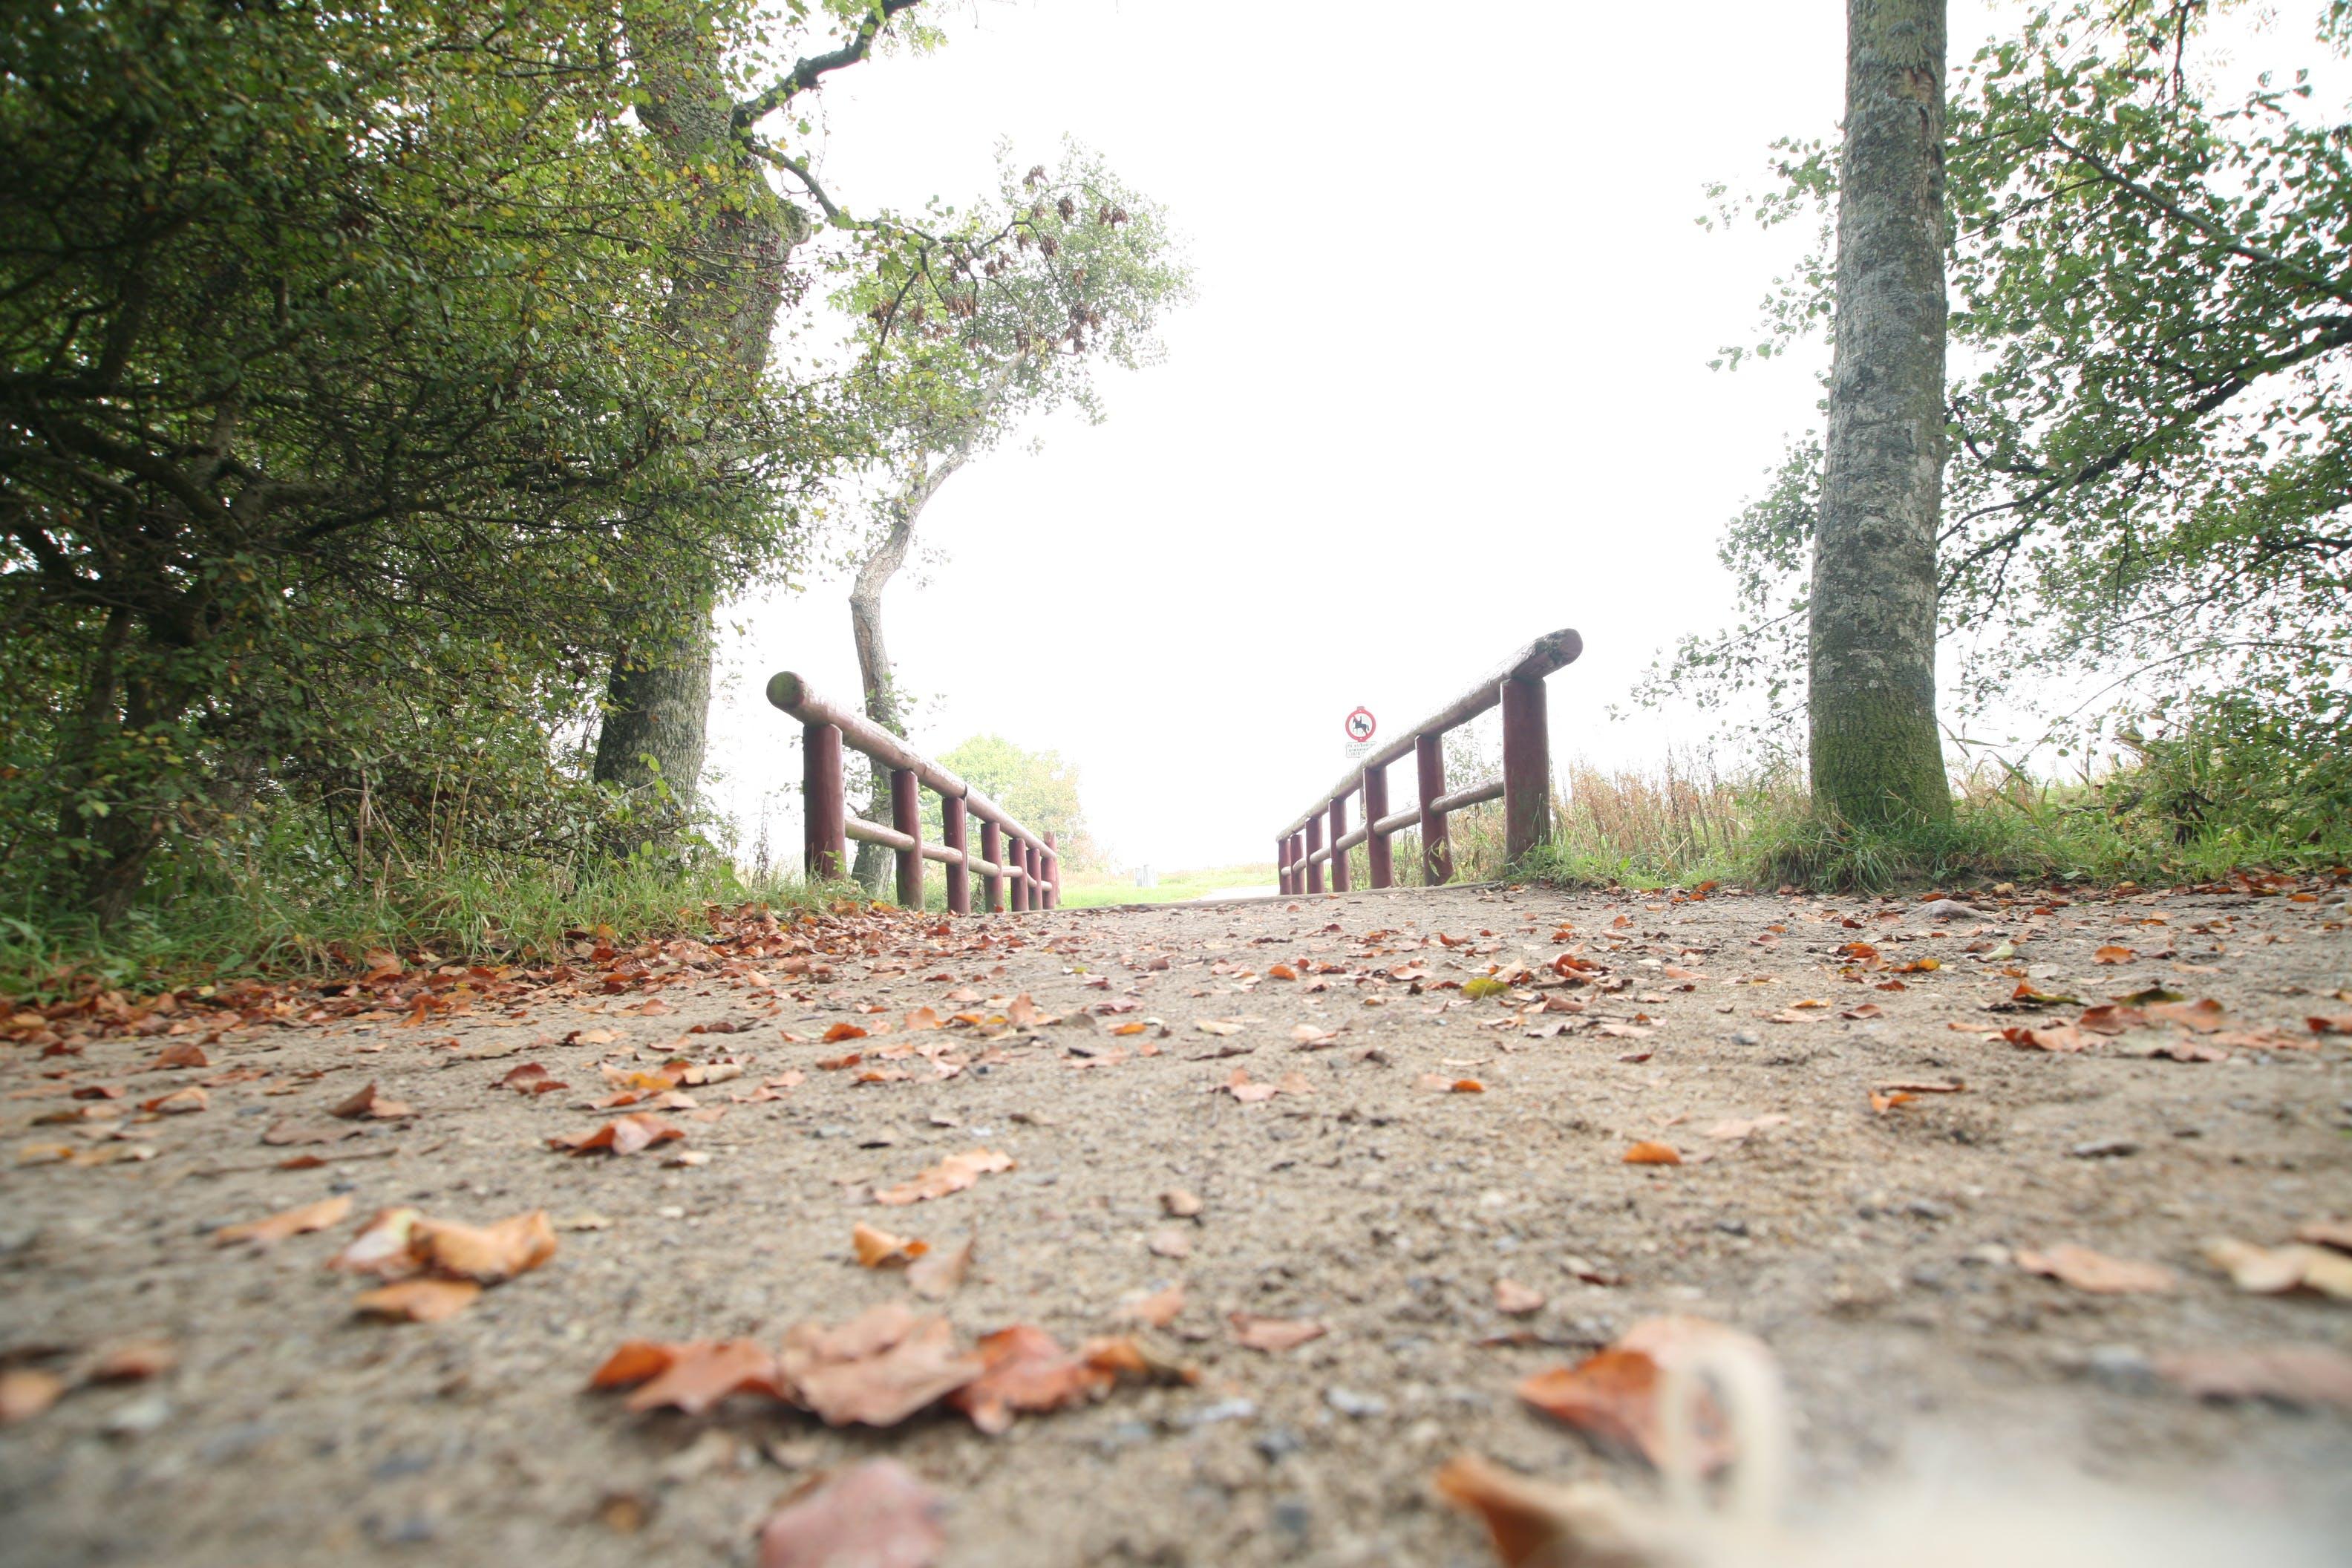 Kostenloses Stock Foto zu bäume, blätter, brücke, fußweg